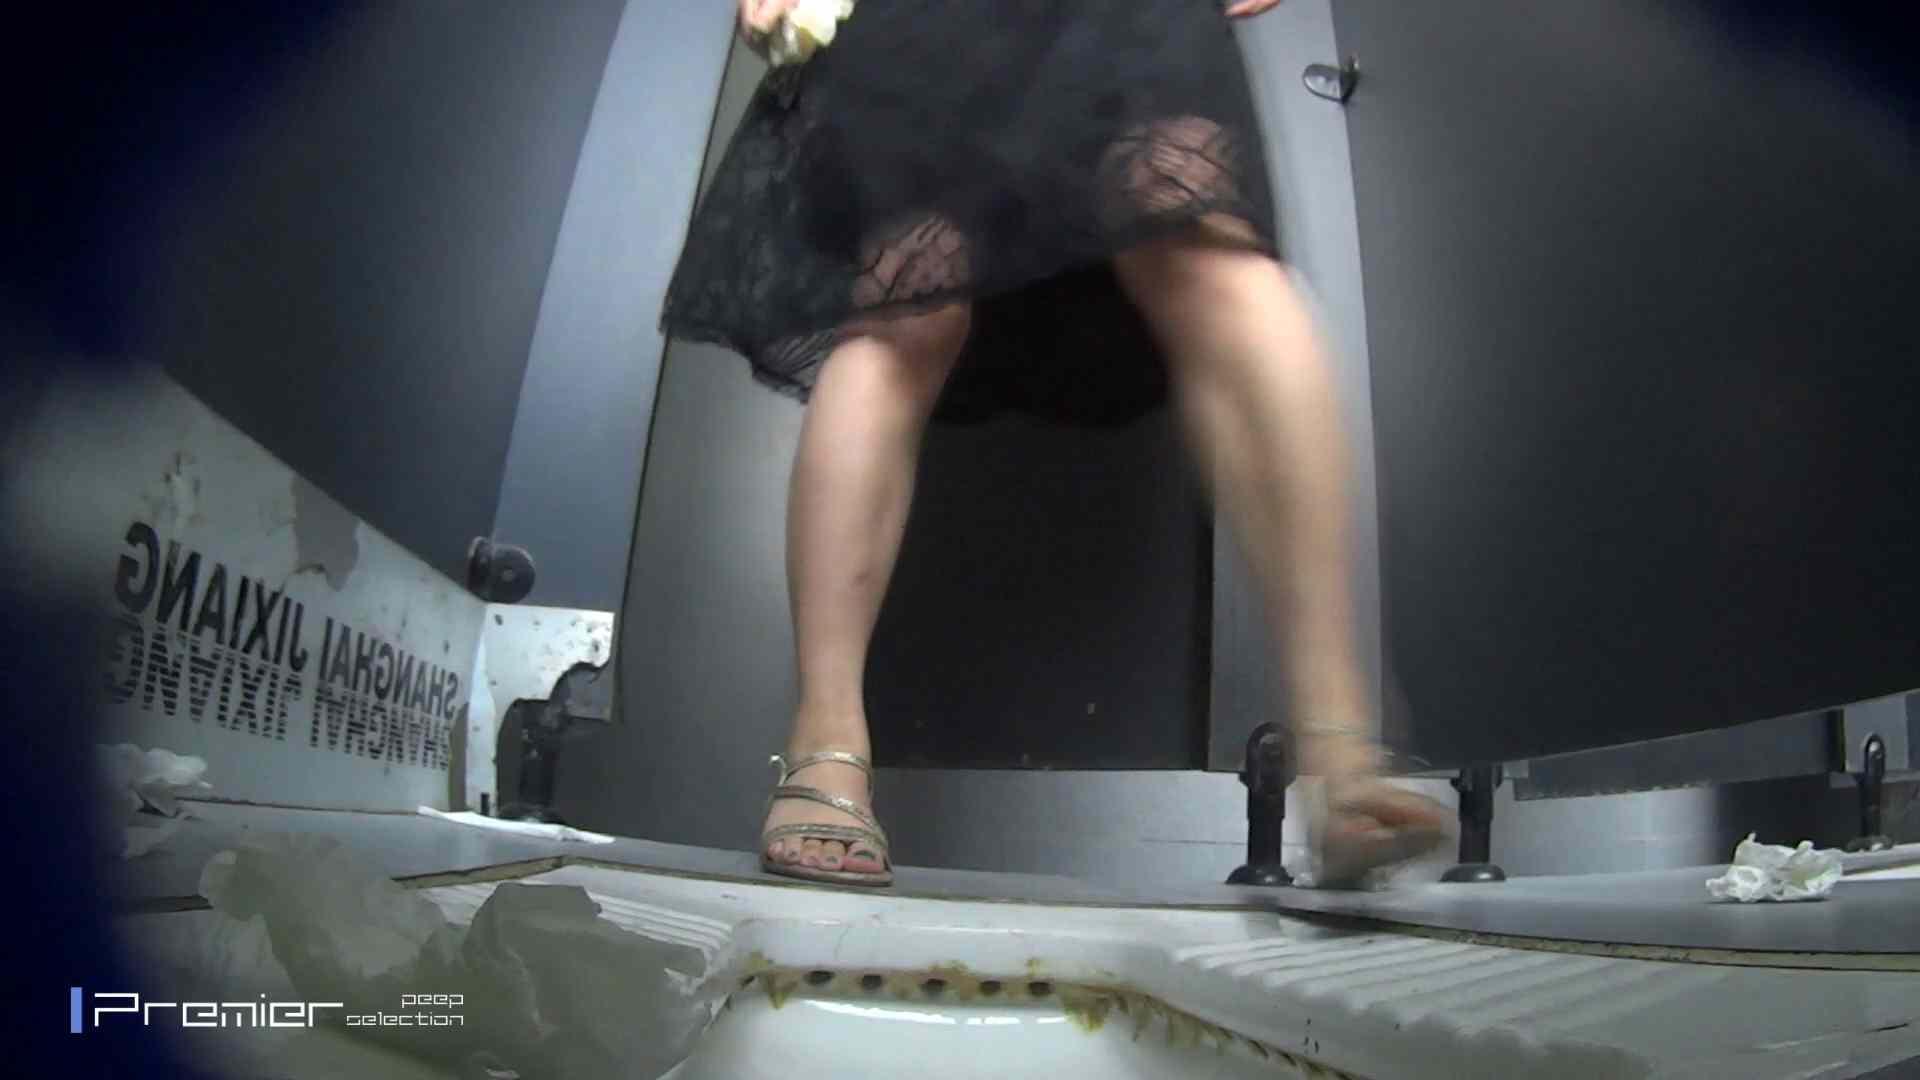 スキニージーンズの美女 大学休憩時間の洗面所事情56 細身体型 すけべAV動画紹介 106枚 65